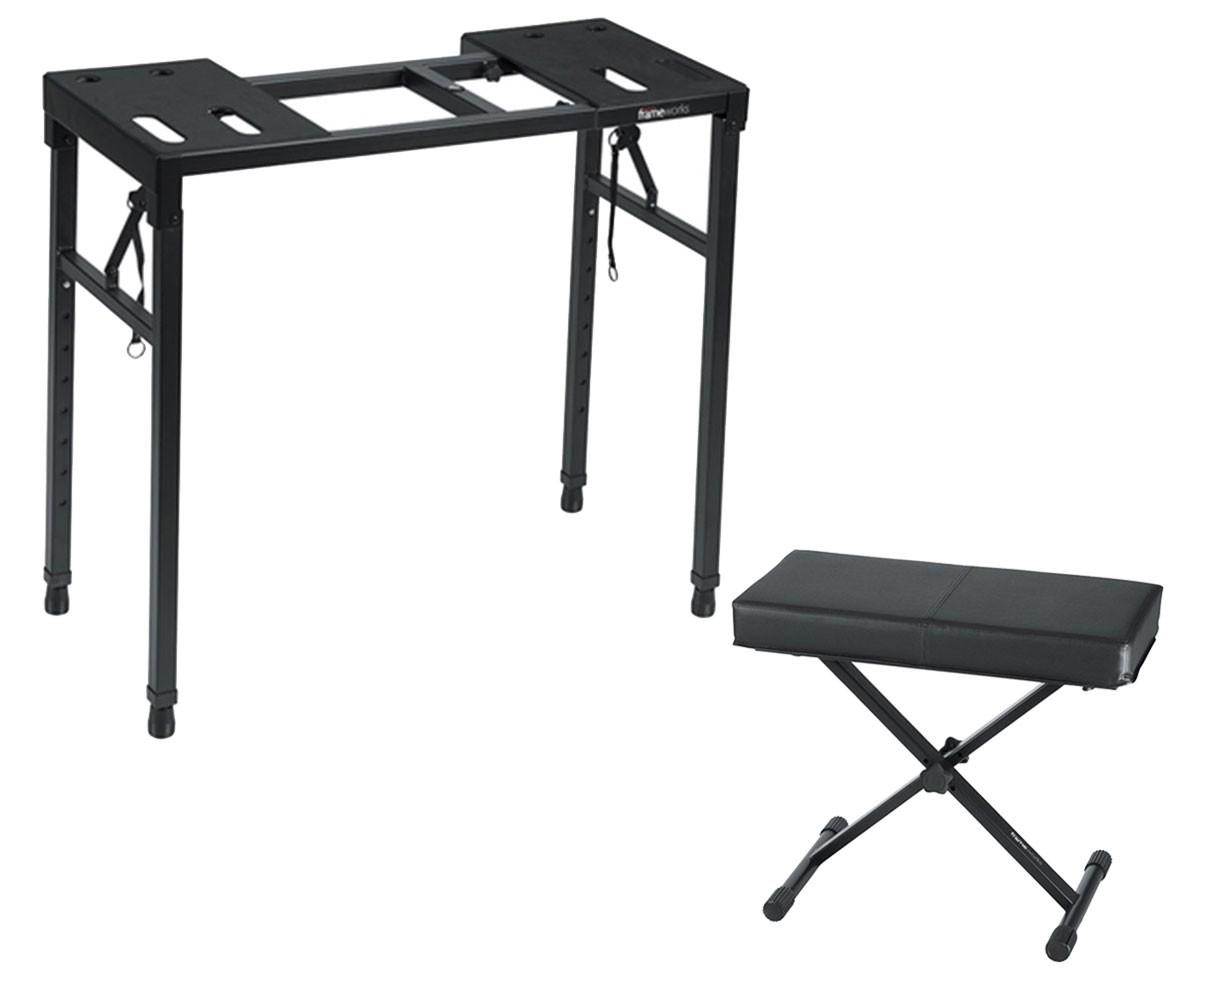 Gator GFW-UTILITY-TBL Heavy-duty Keyboard Table + Bench